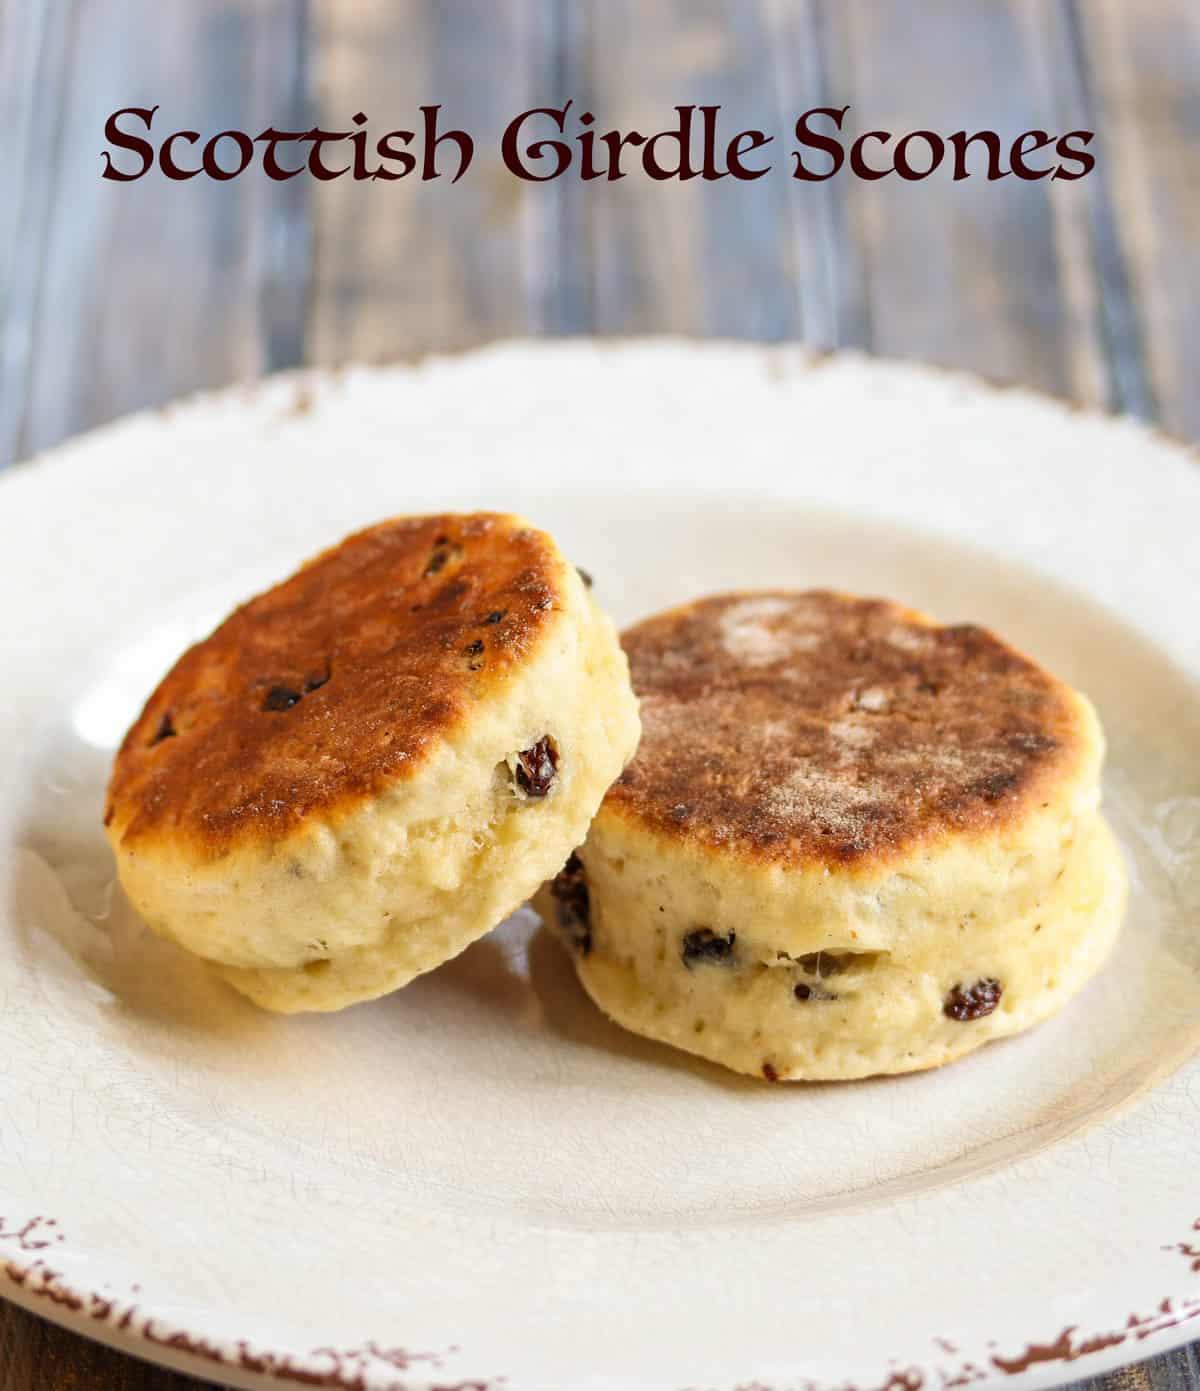 Scottish Girdle Scones